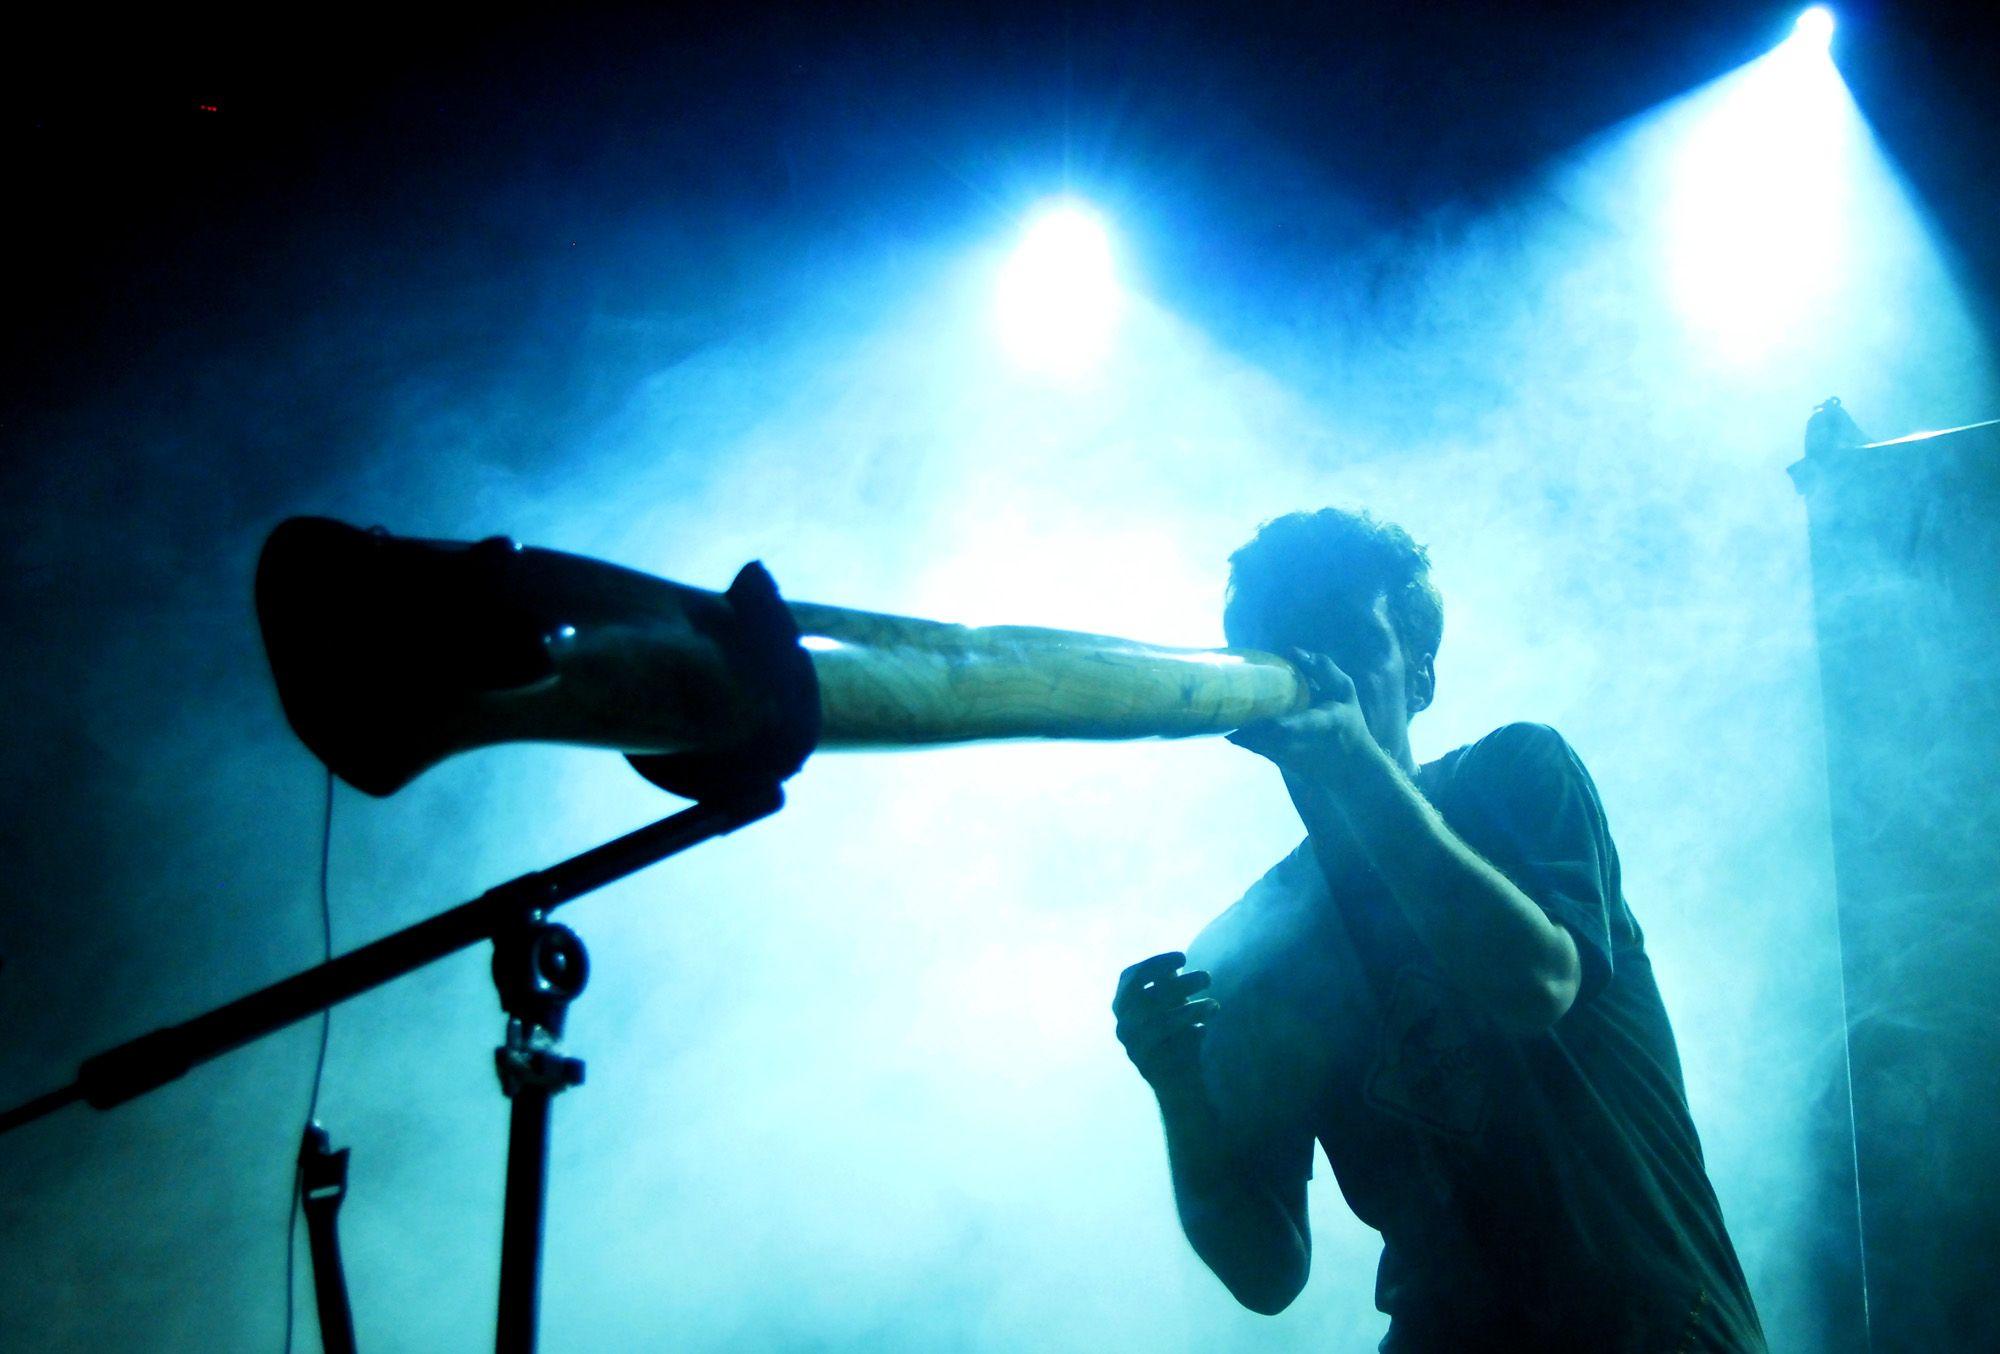 Didgeridoo Players You Should Know Top Ten Didgeridoo Best